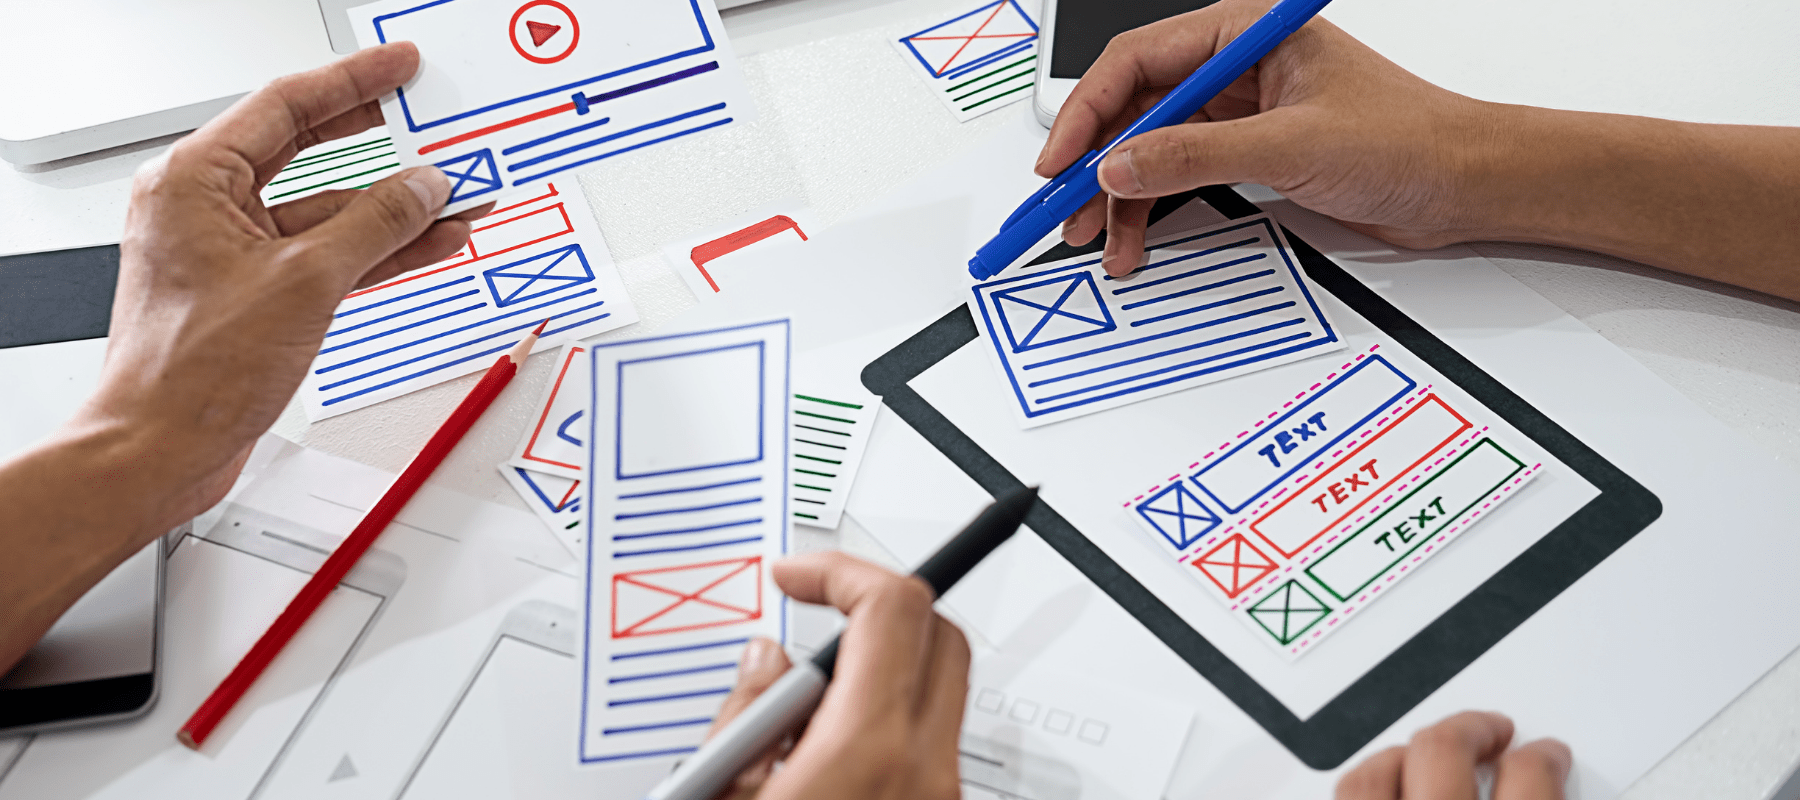 realizando el diseño de una web con un framework